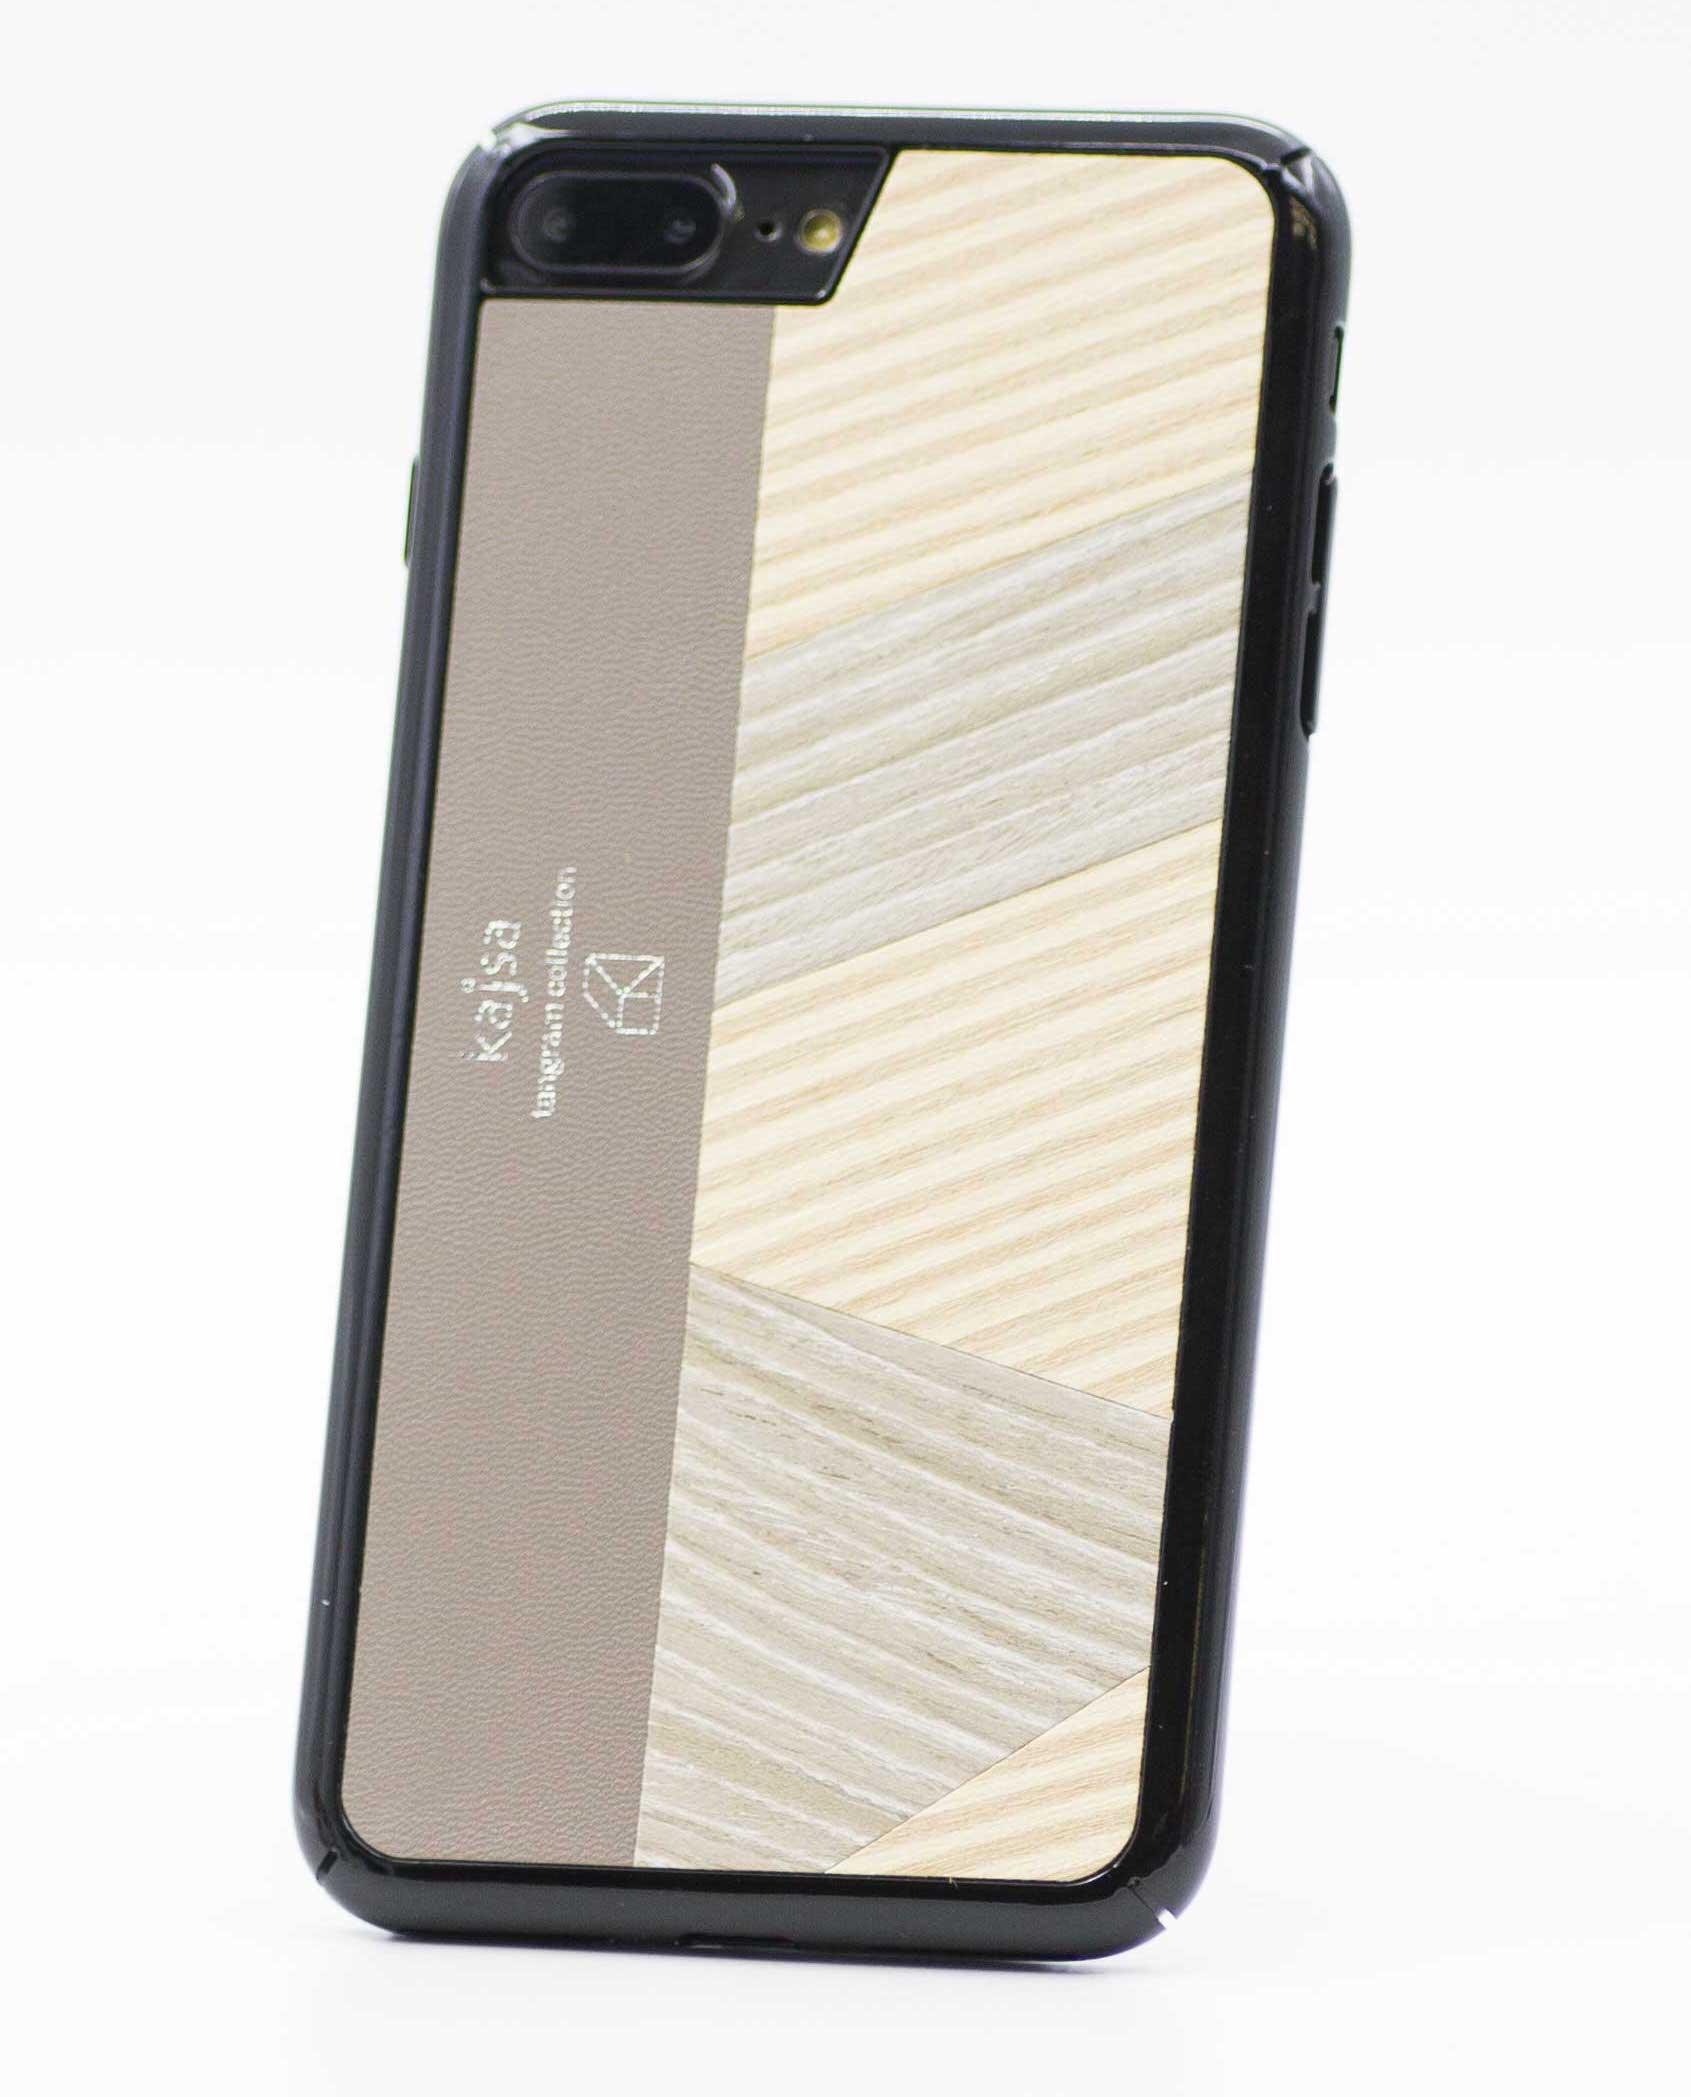 Perspektivisches Foto einer beige Schutzhülle Case aus echtem Holz kombiniert mit echtem Leder für das iPhone 8 Plus, das iPhone 8, das iPhone 7 und das iPhone 7 Plus.